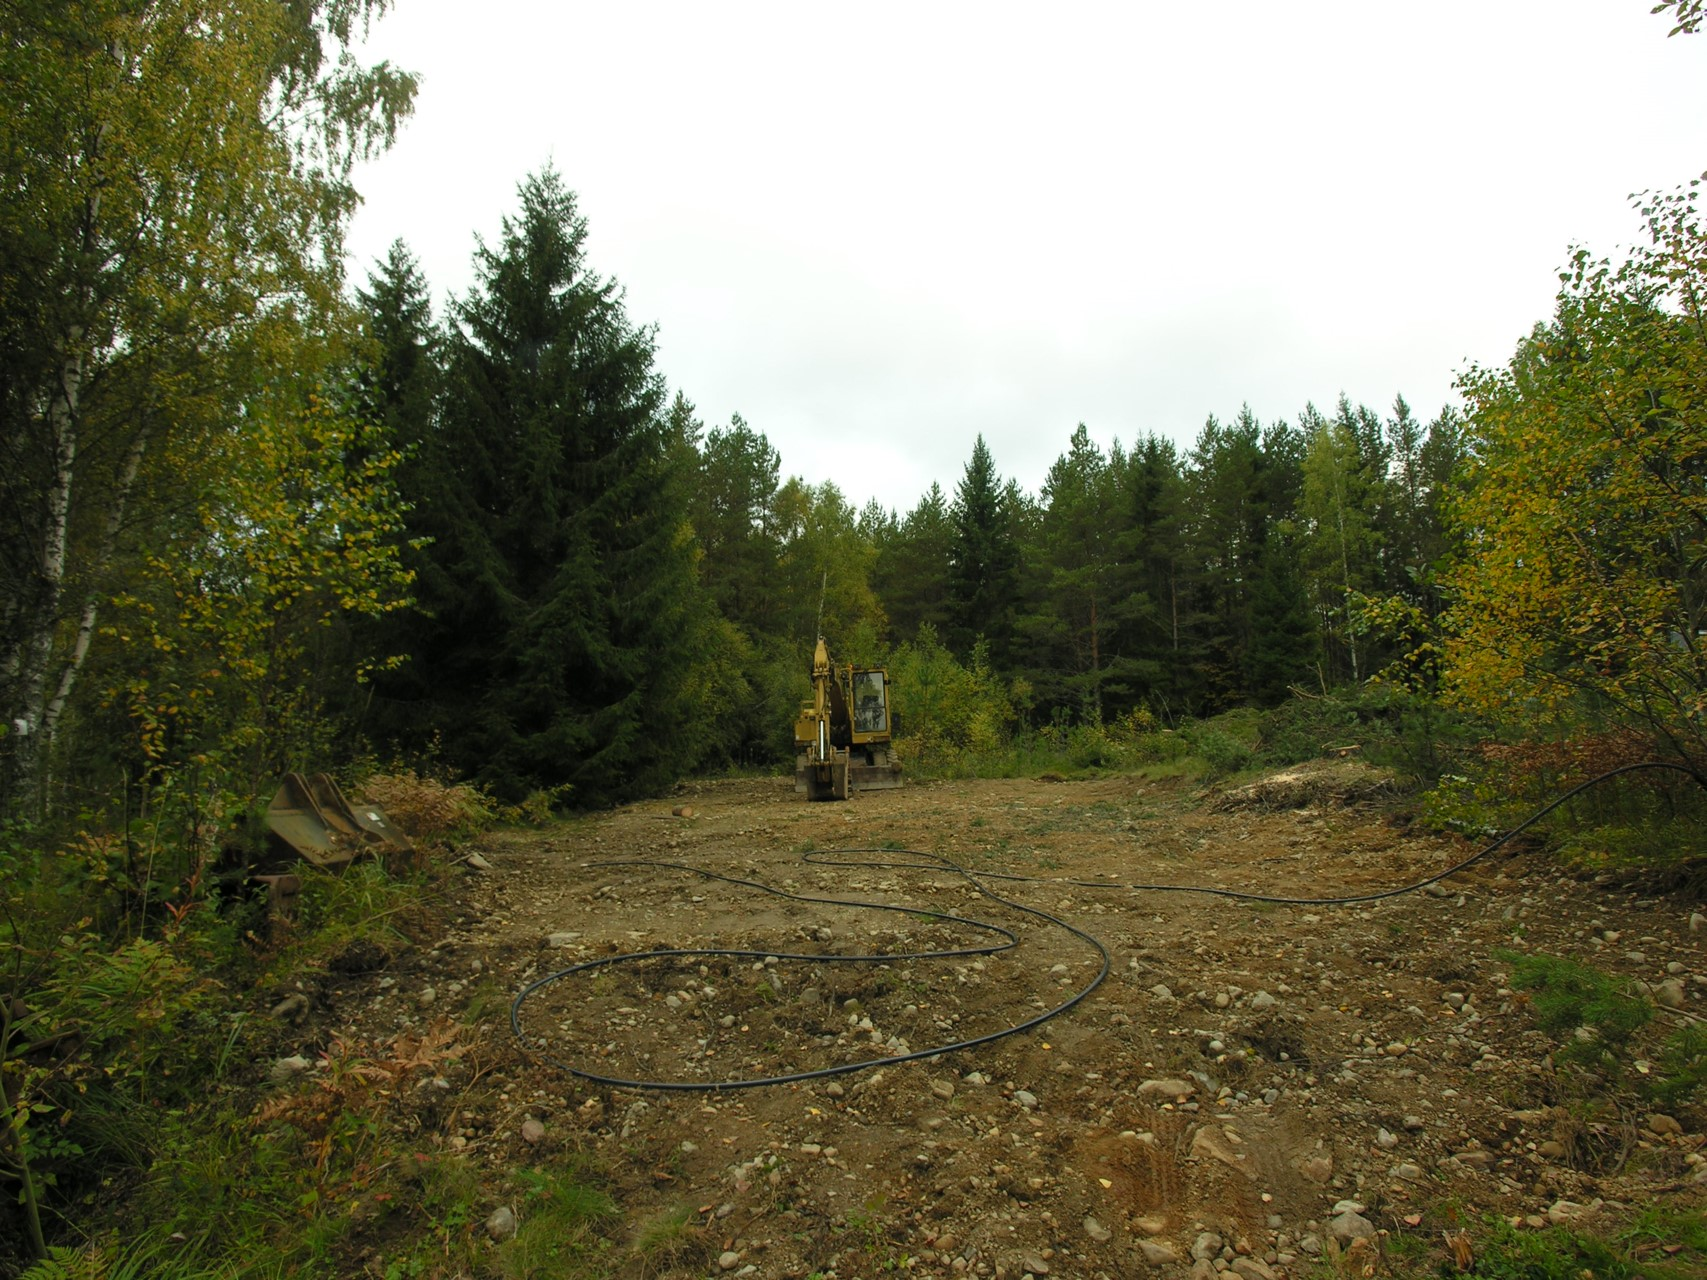 Marsjövägen 6b - Plan tomt